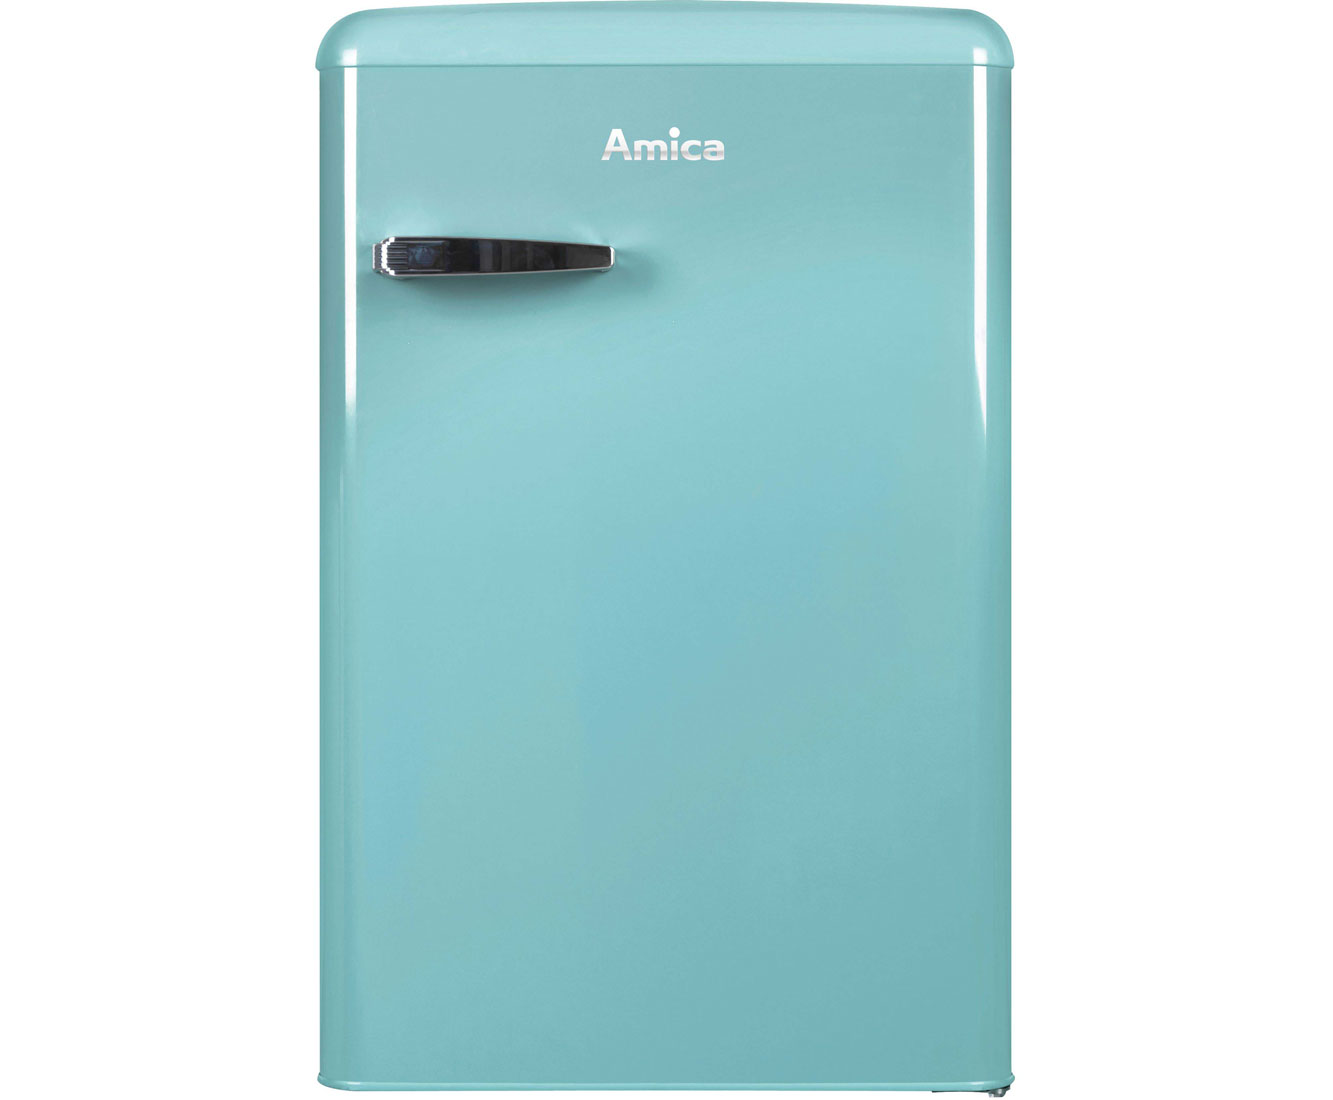 Retro Kühlschrank Deutschland : Amica retro design ks 15612 t kühlschrank mit gefrierfach